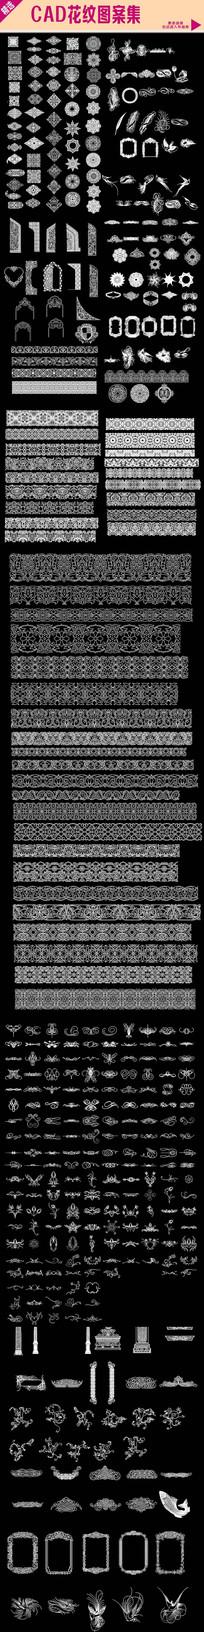 欧式CAD花纹图案集